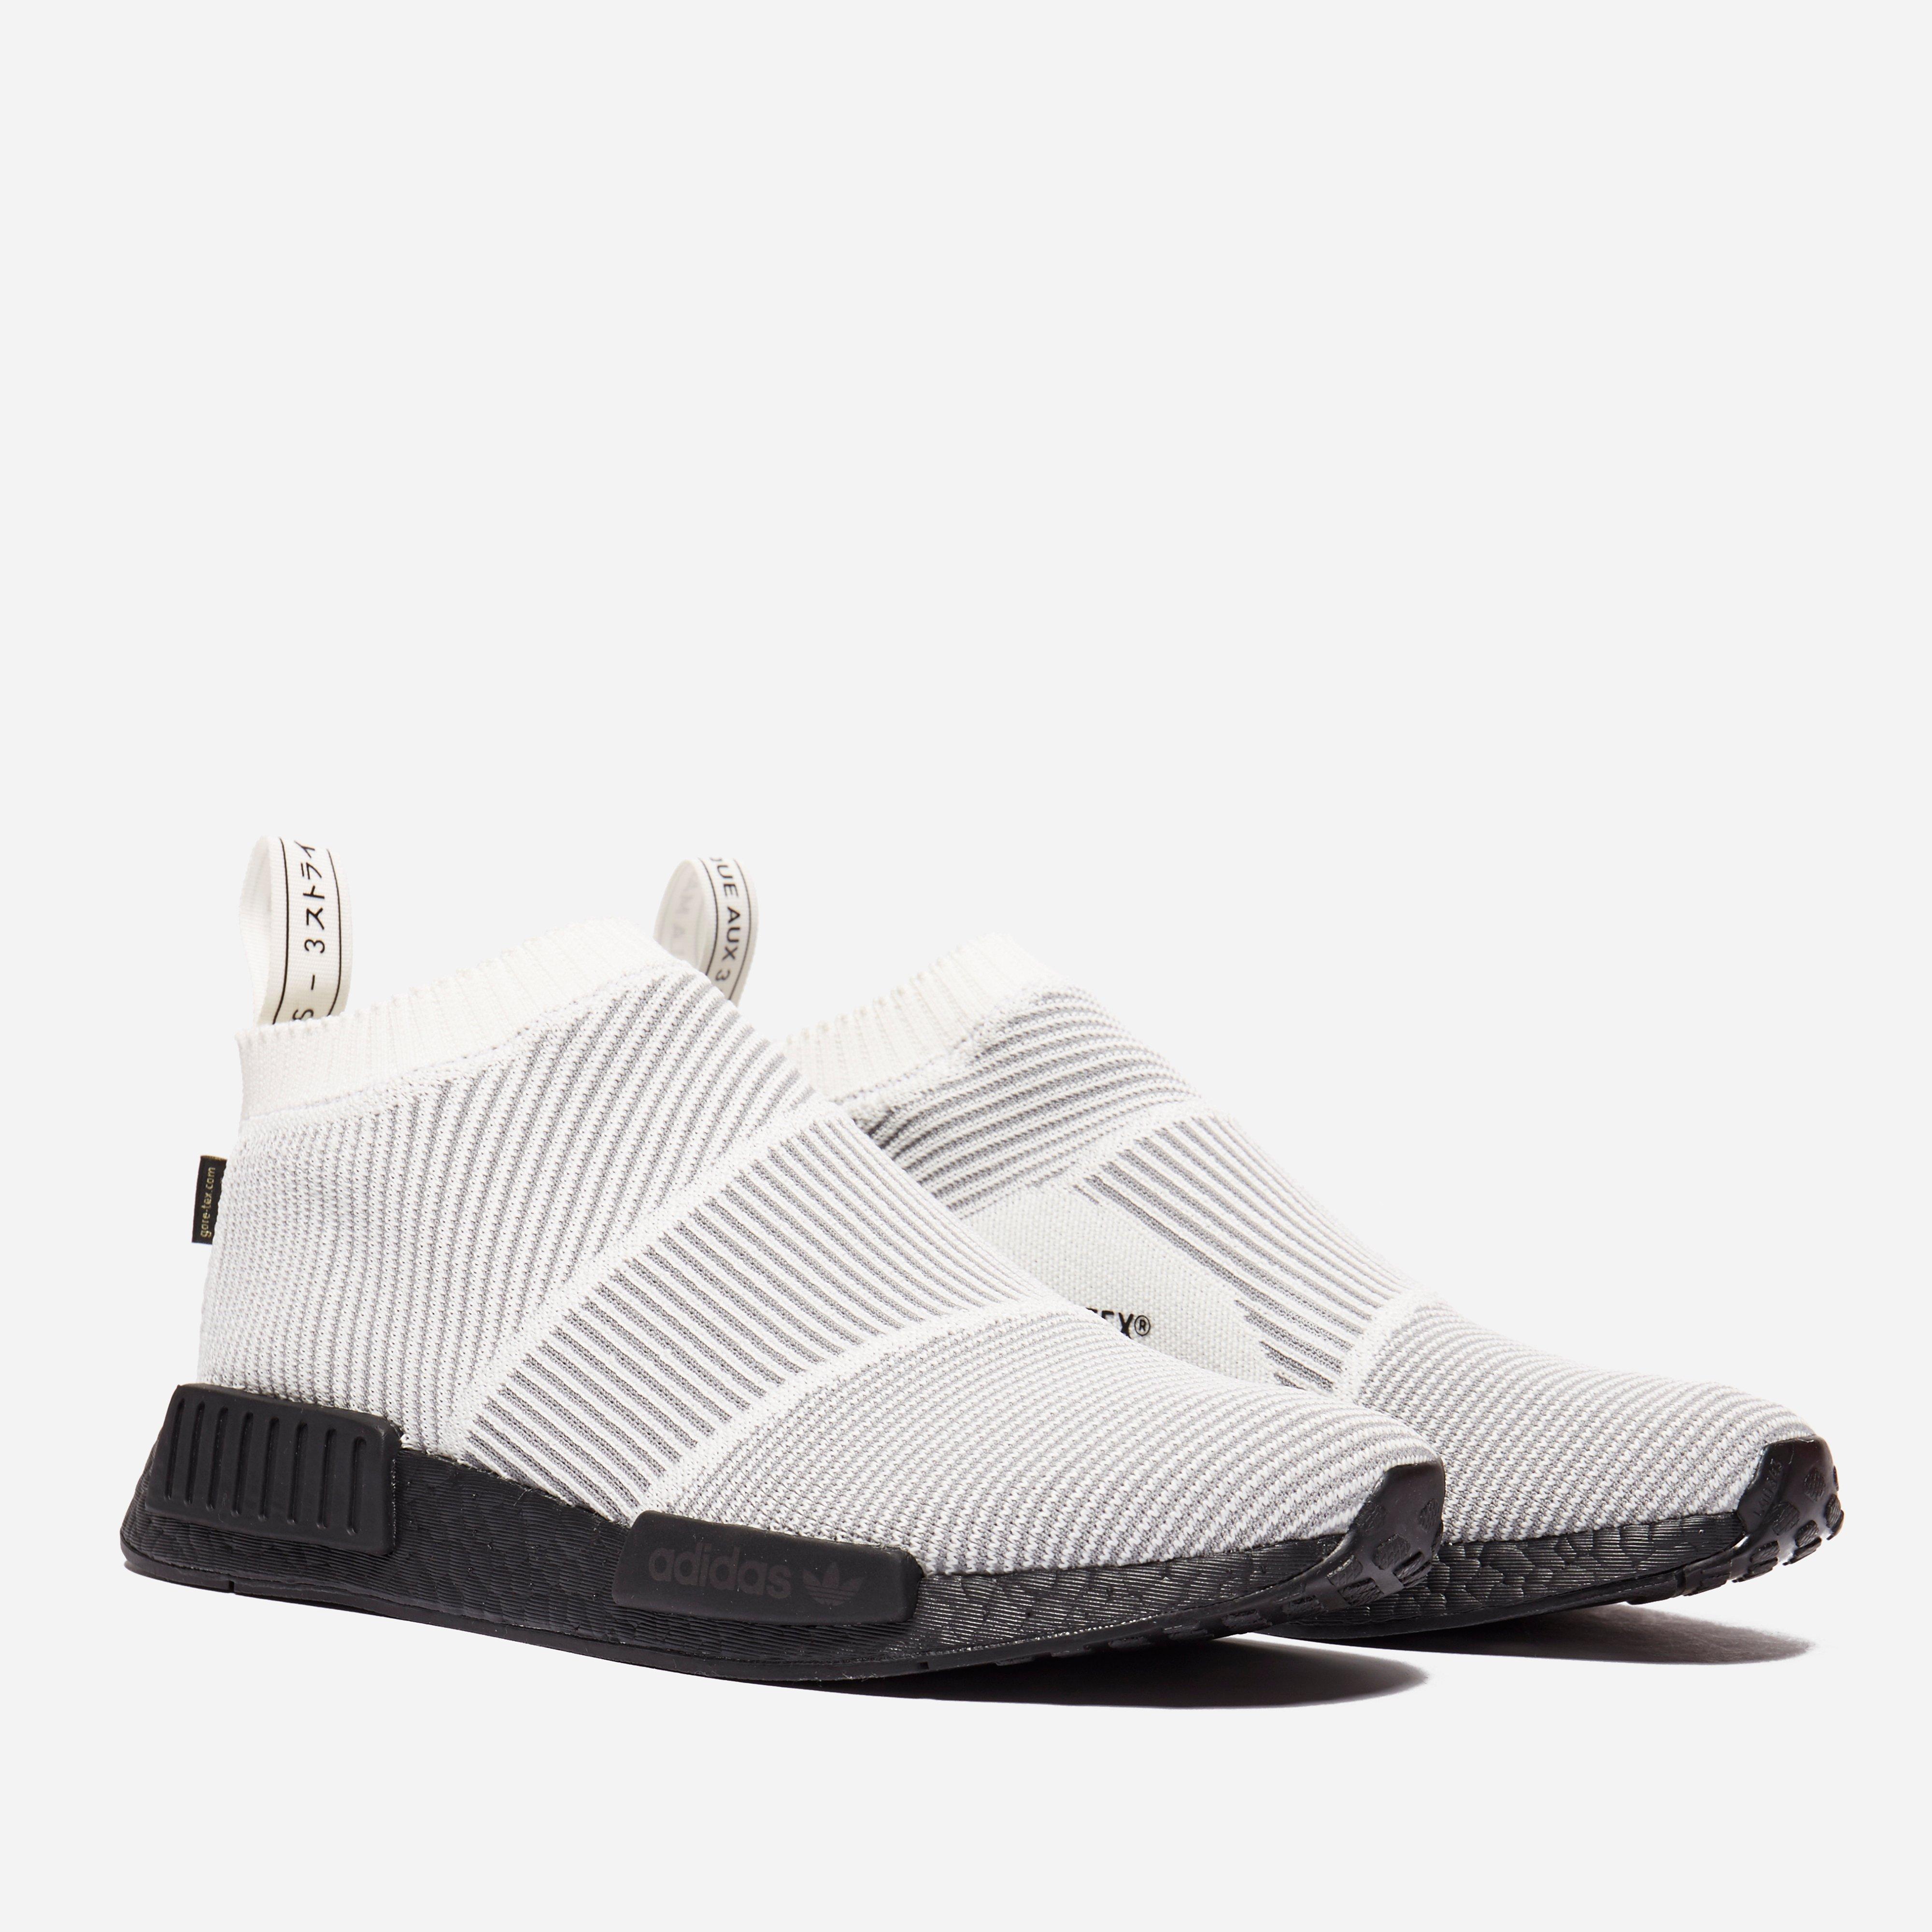 bdab375ca Lyst - adidas Originals Nmd Cs1 Gtx Pk in White for Men